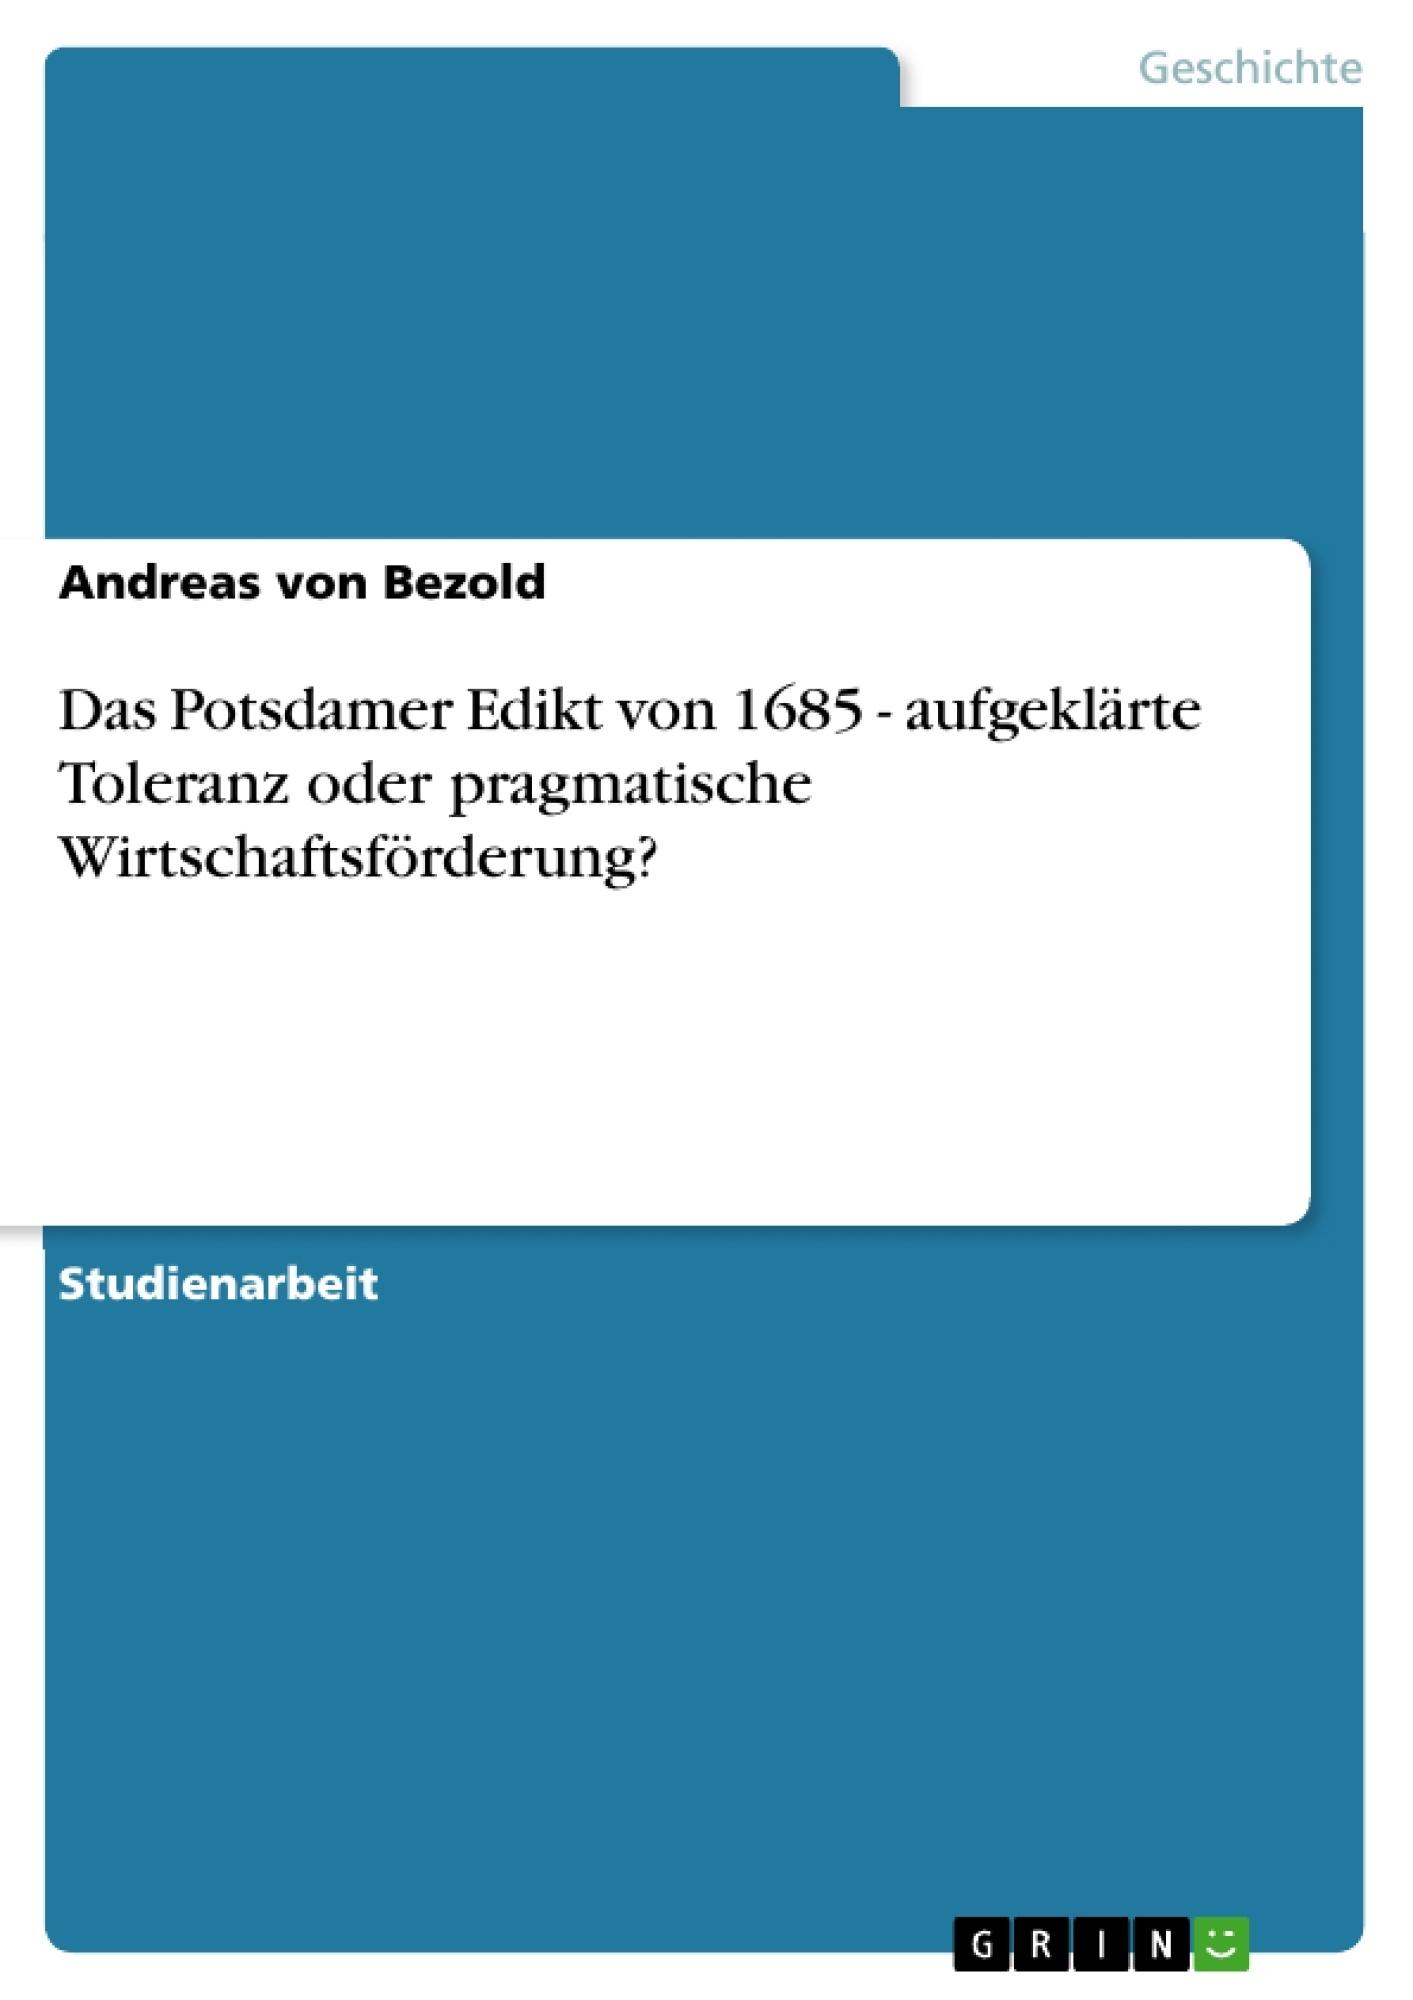 Titel: Das Potsdamer Edikt von 1685 - aufgeklärte Toleranz oder pragmatische Wirtschaftsförderung?